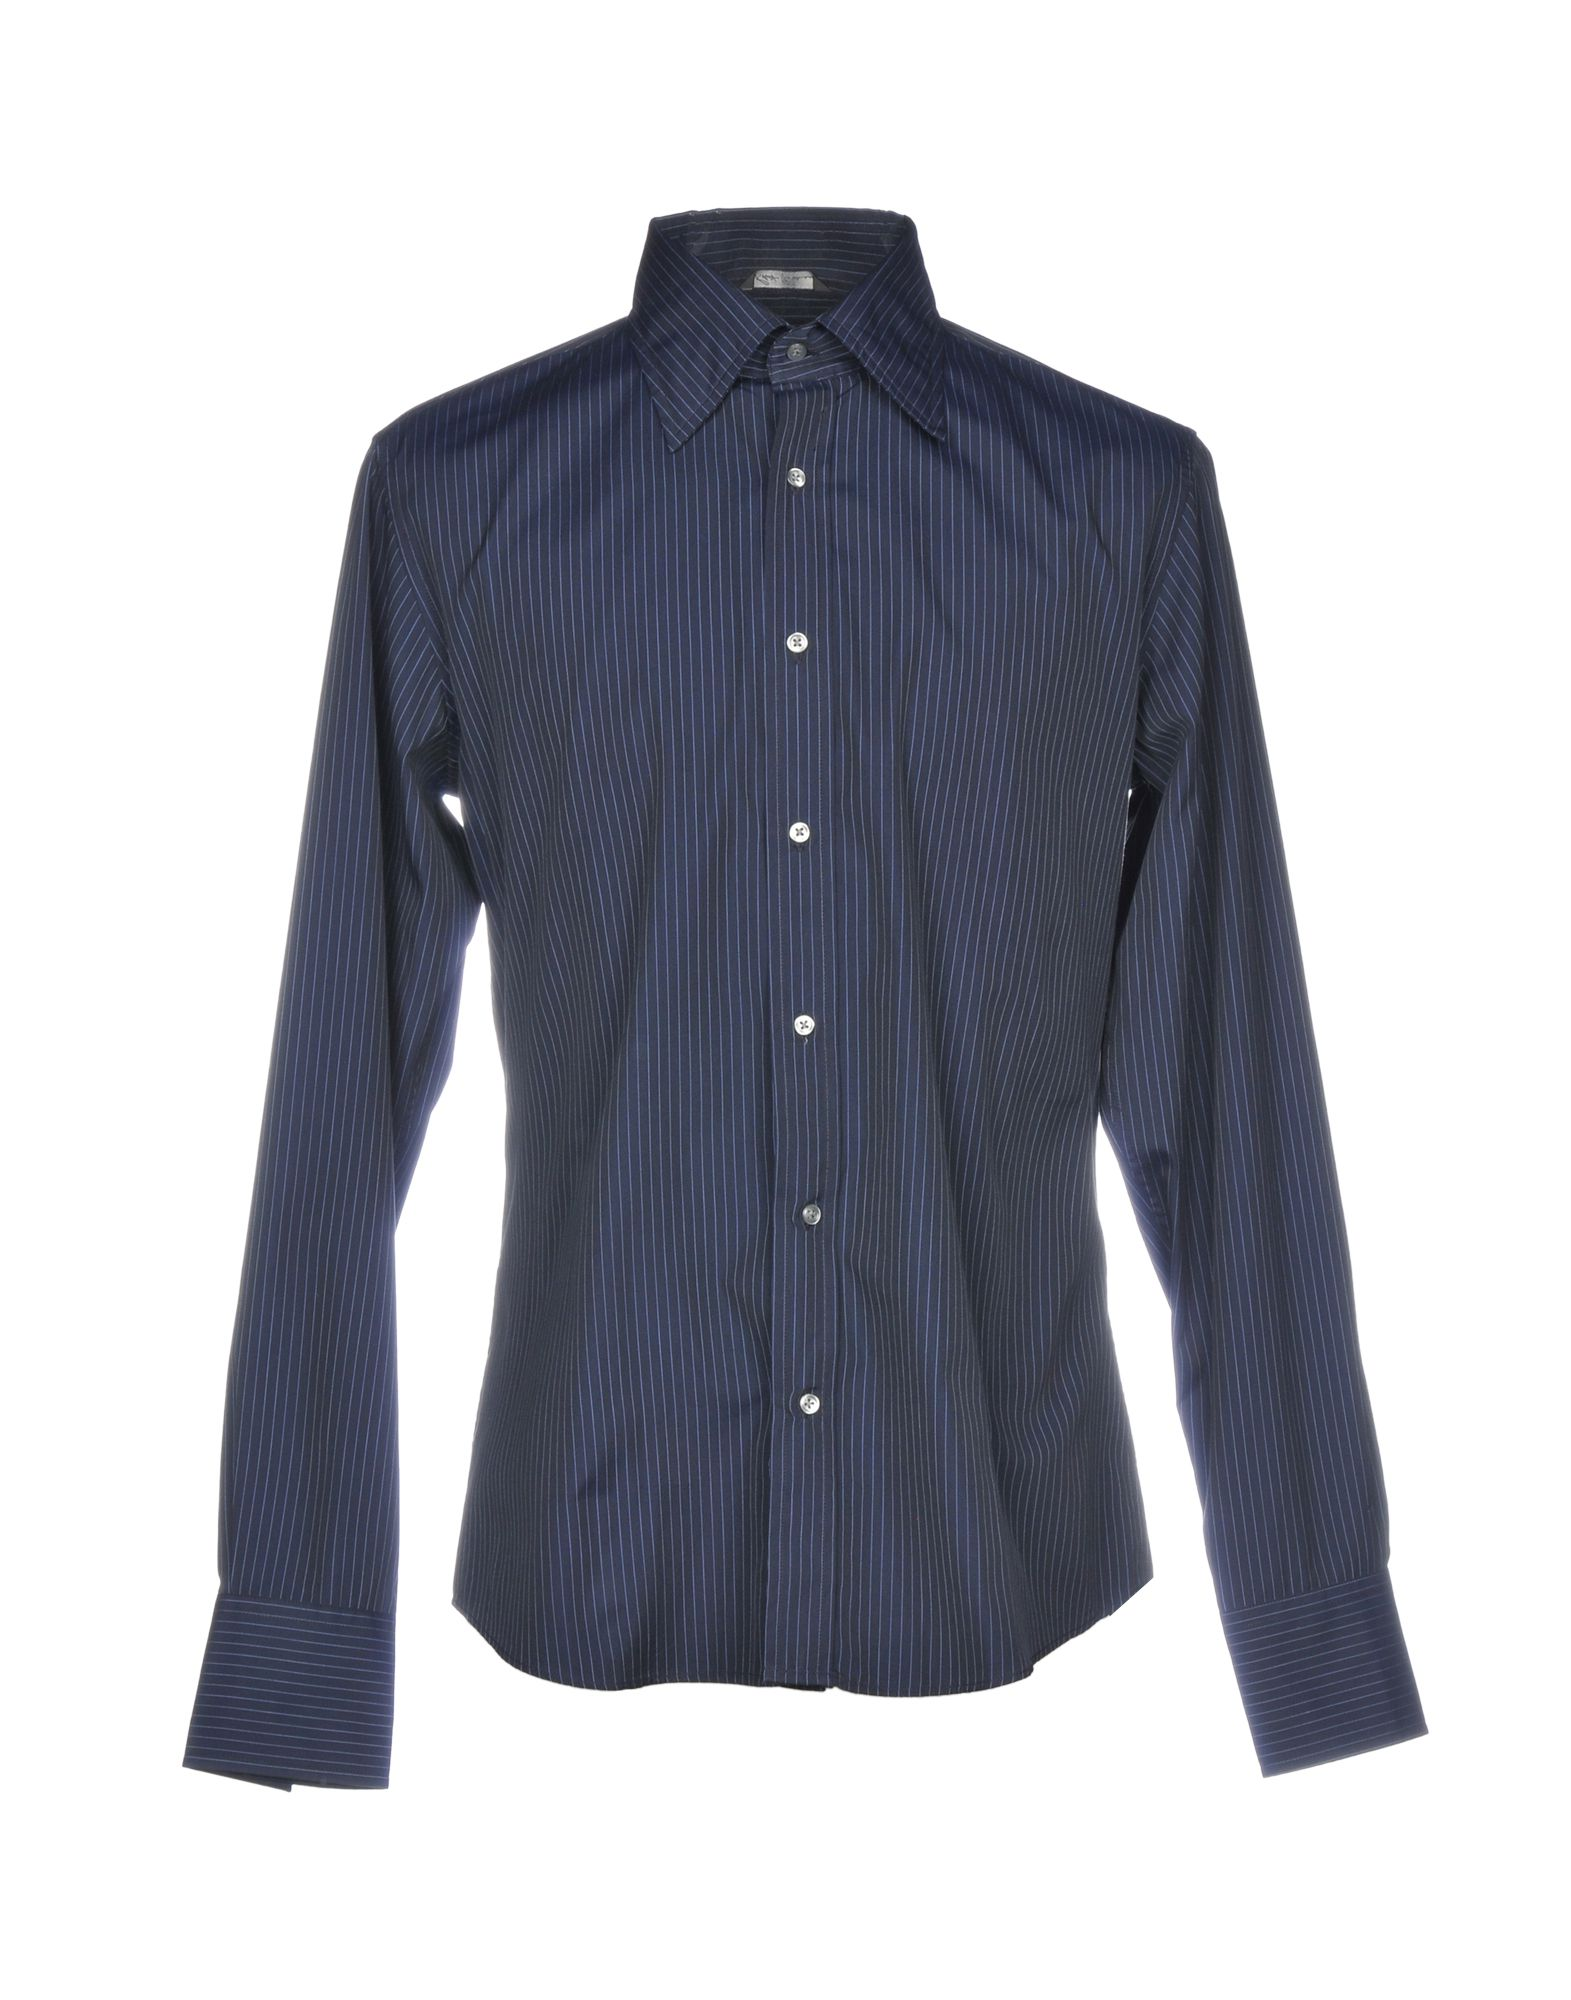 ROBERT FRIEDMAN Striped Shirt in Dark Blue